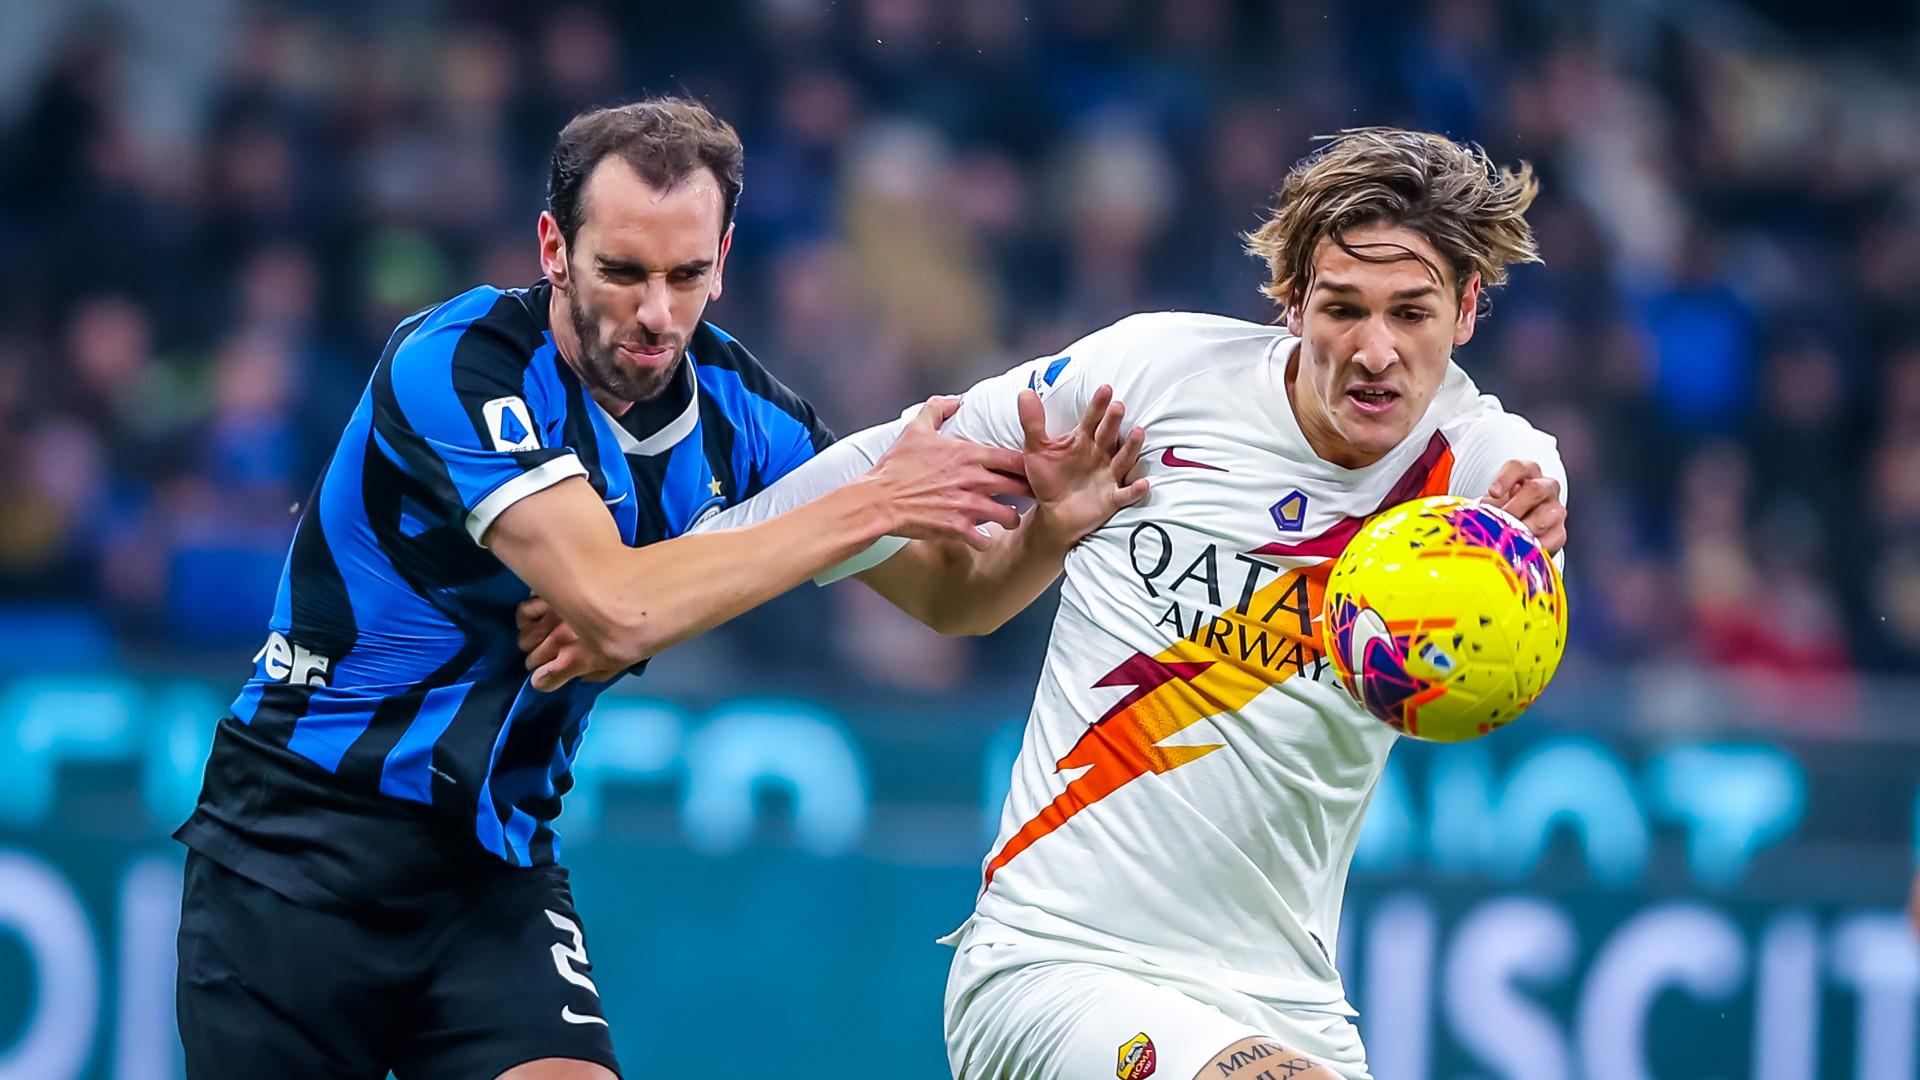 Serie A Le Partite Di Oggi Orari Diretta Tv E Streaming Goal Com